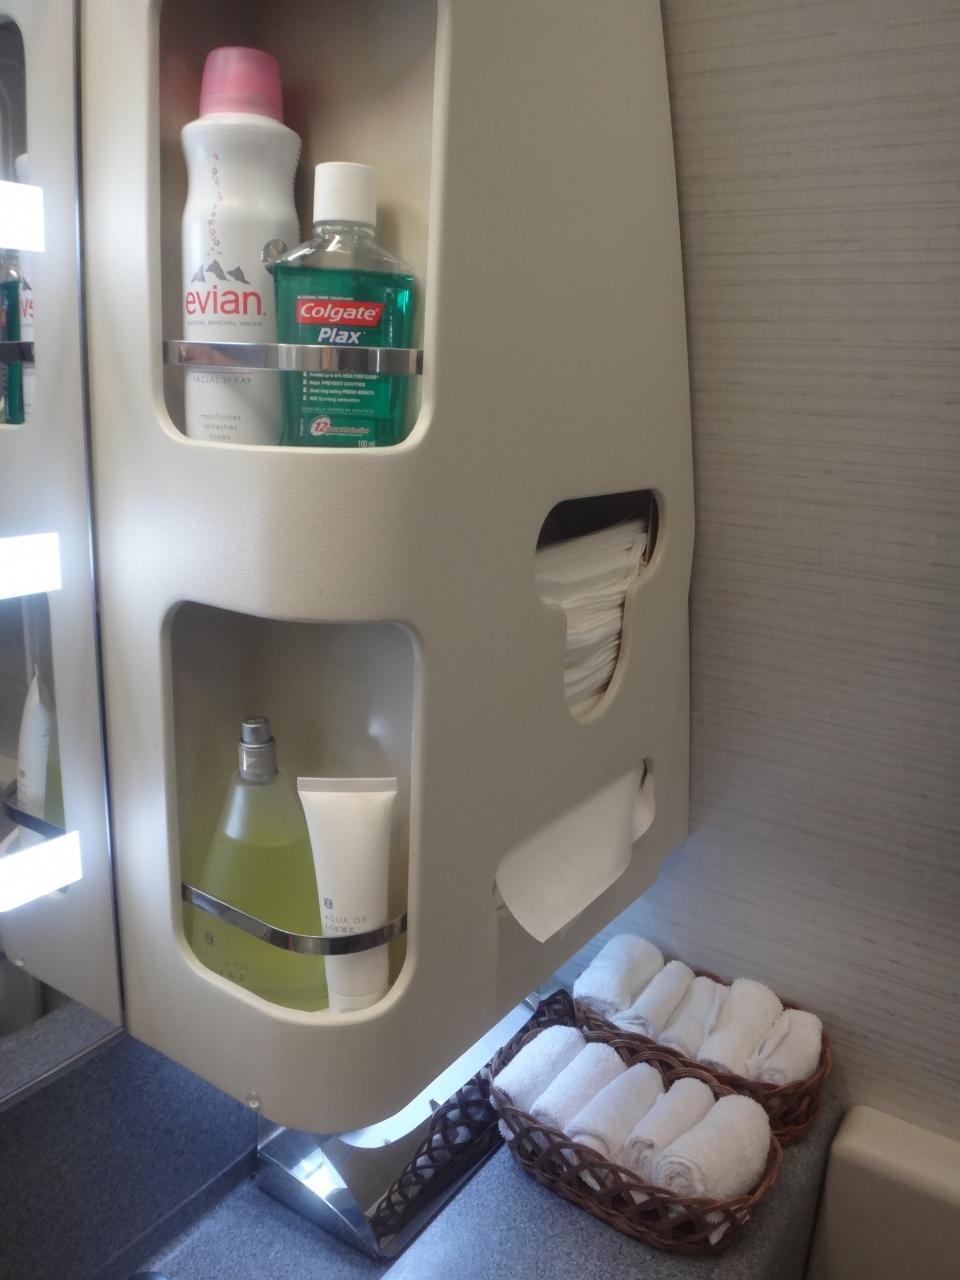 ガルーダインドネシア航空 | ビジネスクラス搭乗 …